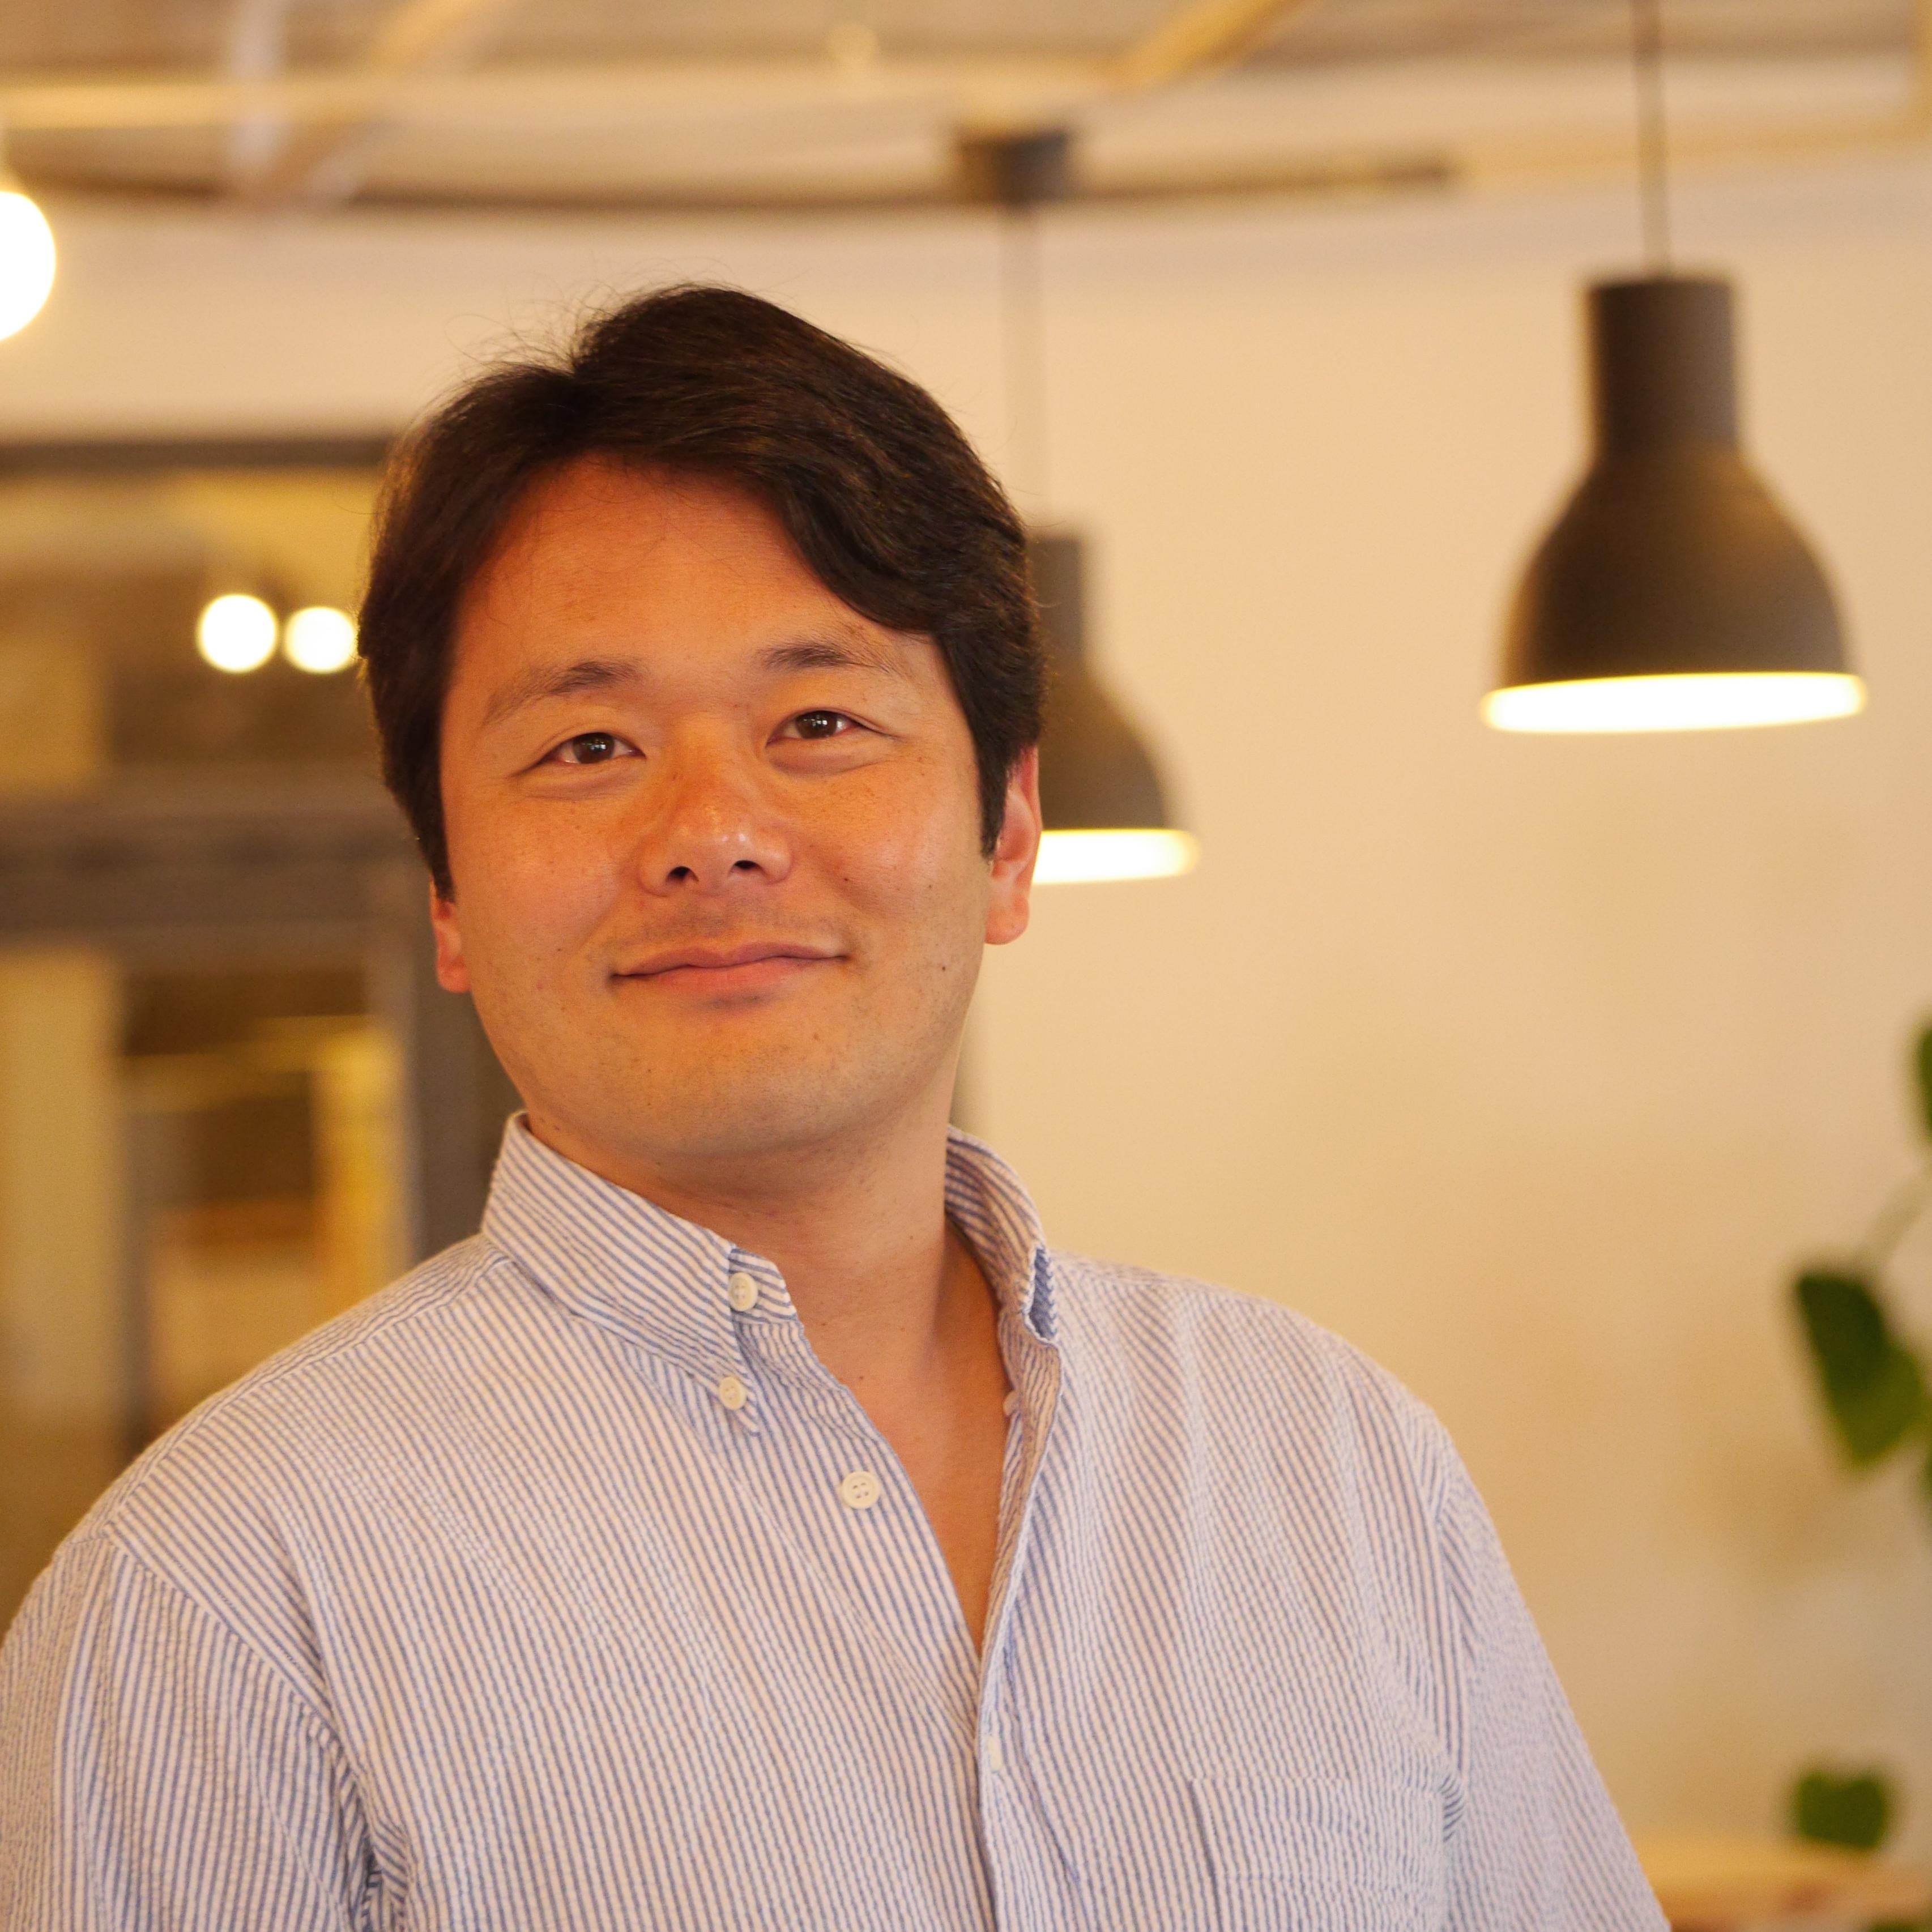 Hisao Ihara